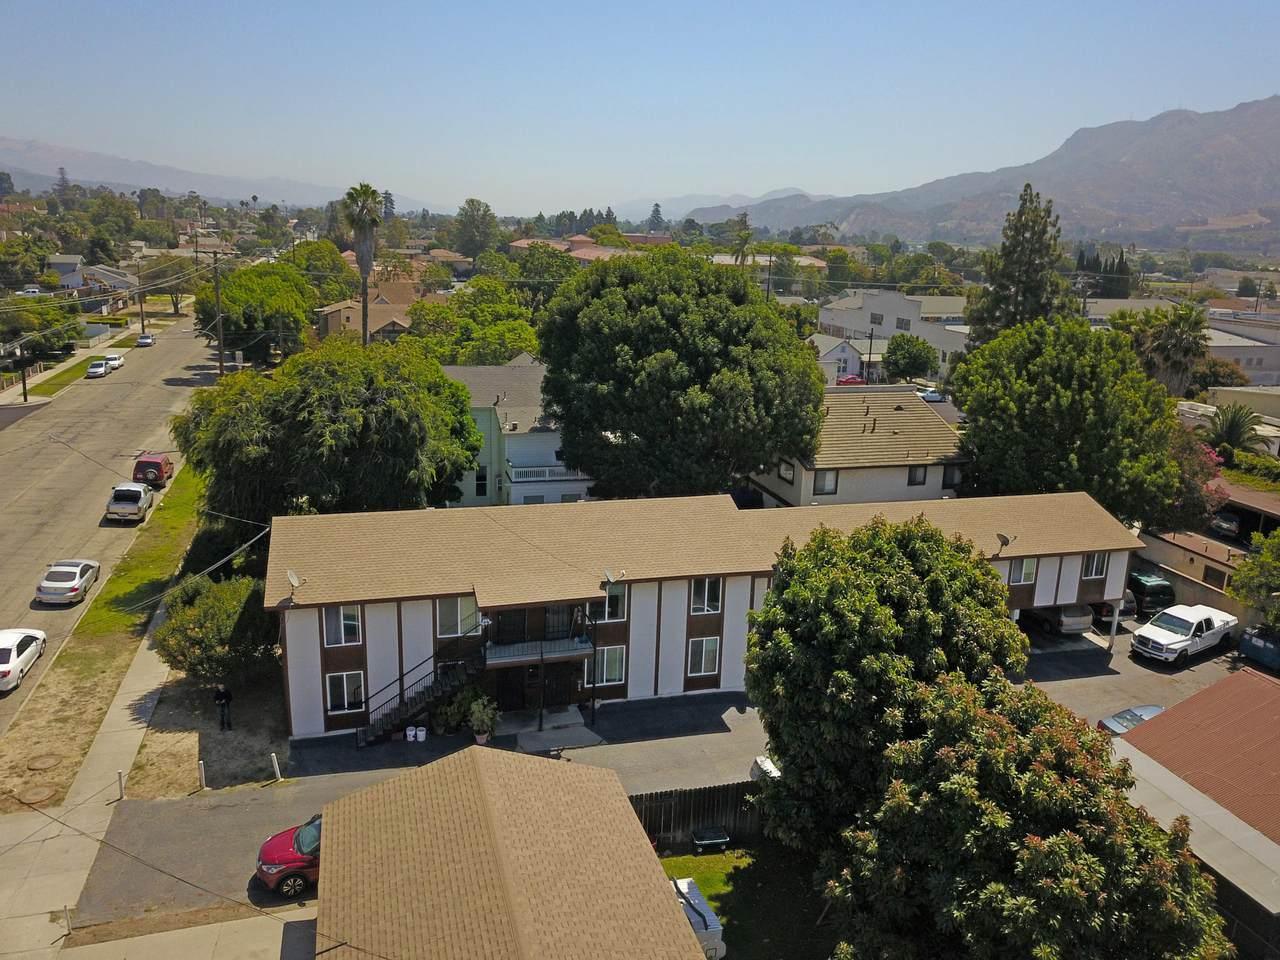 208 Santa Barbara St - Photo 1